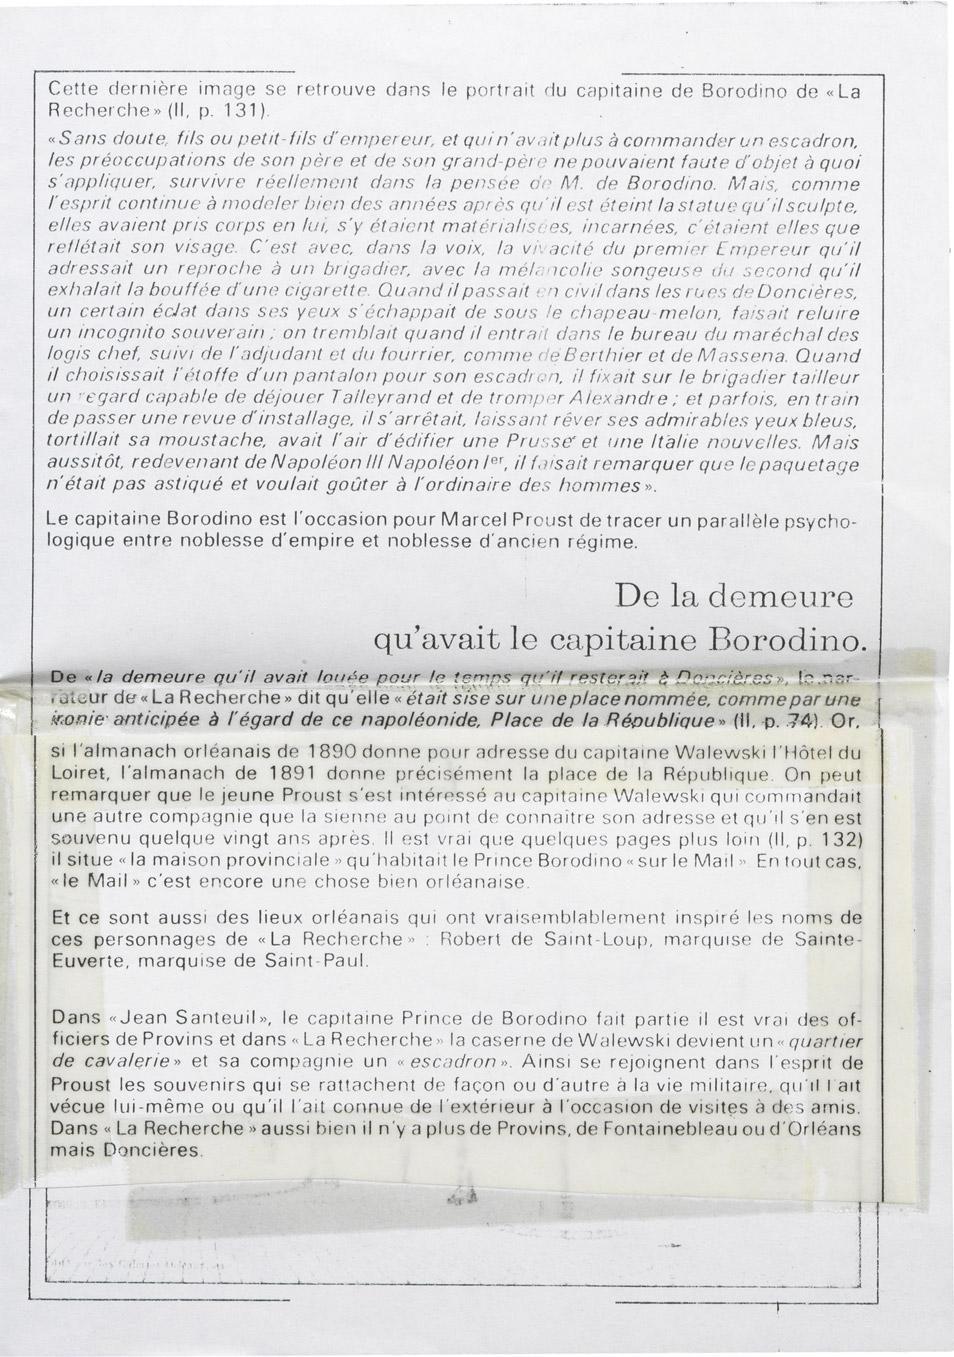 Lettre de René Berthelot à Charles-André Walewski - Patrimoine Charles-André COLONNA WALEWSKI, en ligne directe de Napoléon